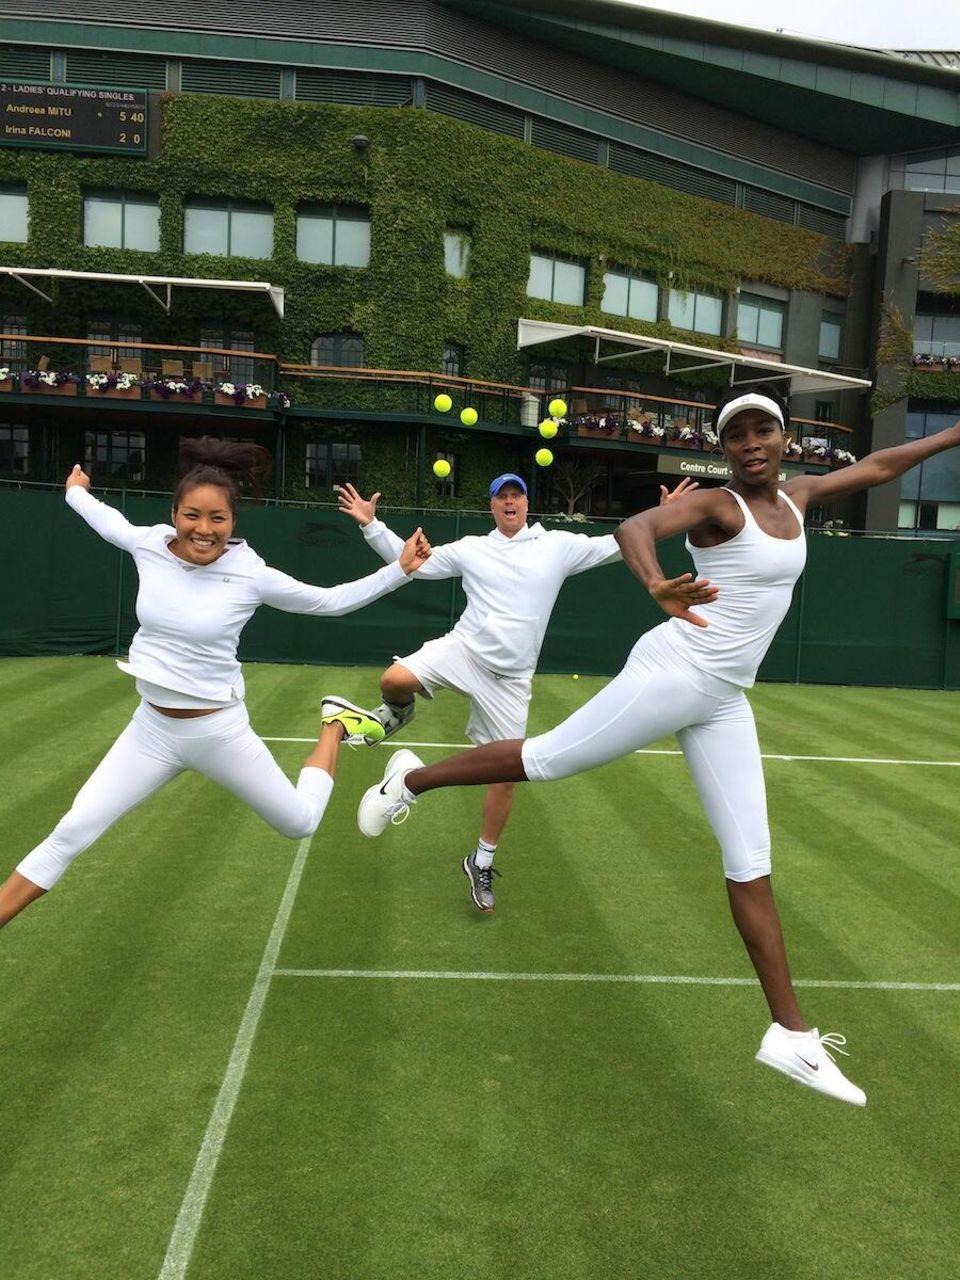 Venus Williams springt mit ihrem Team auf dem heiligen Rasen herum.